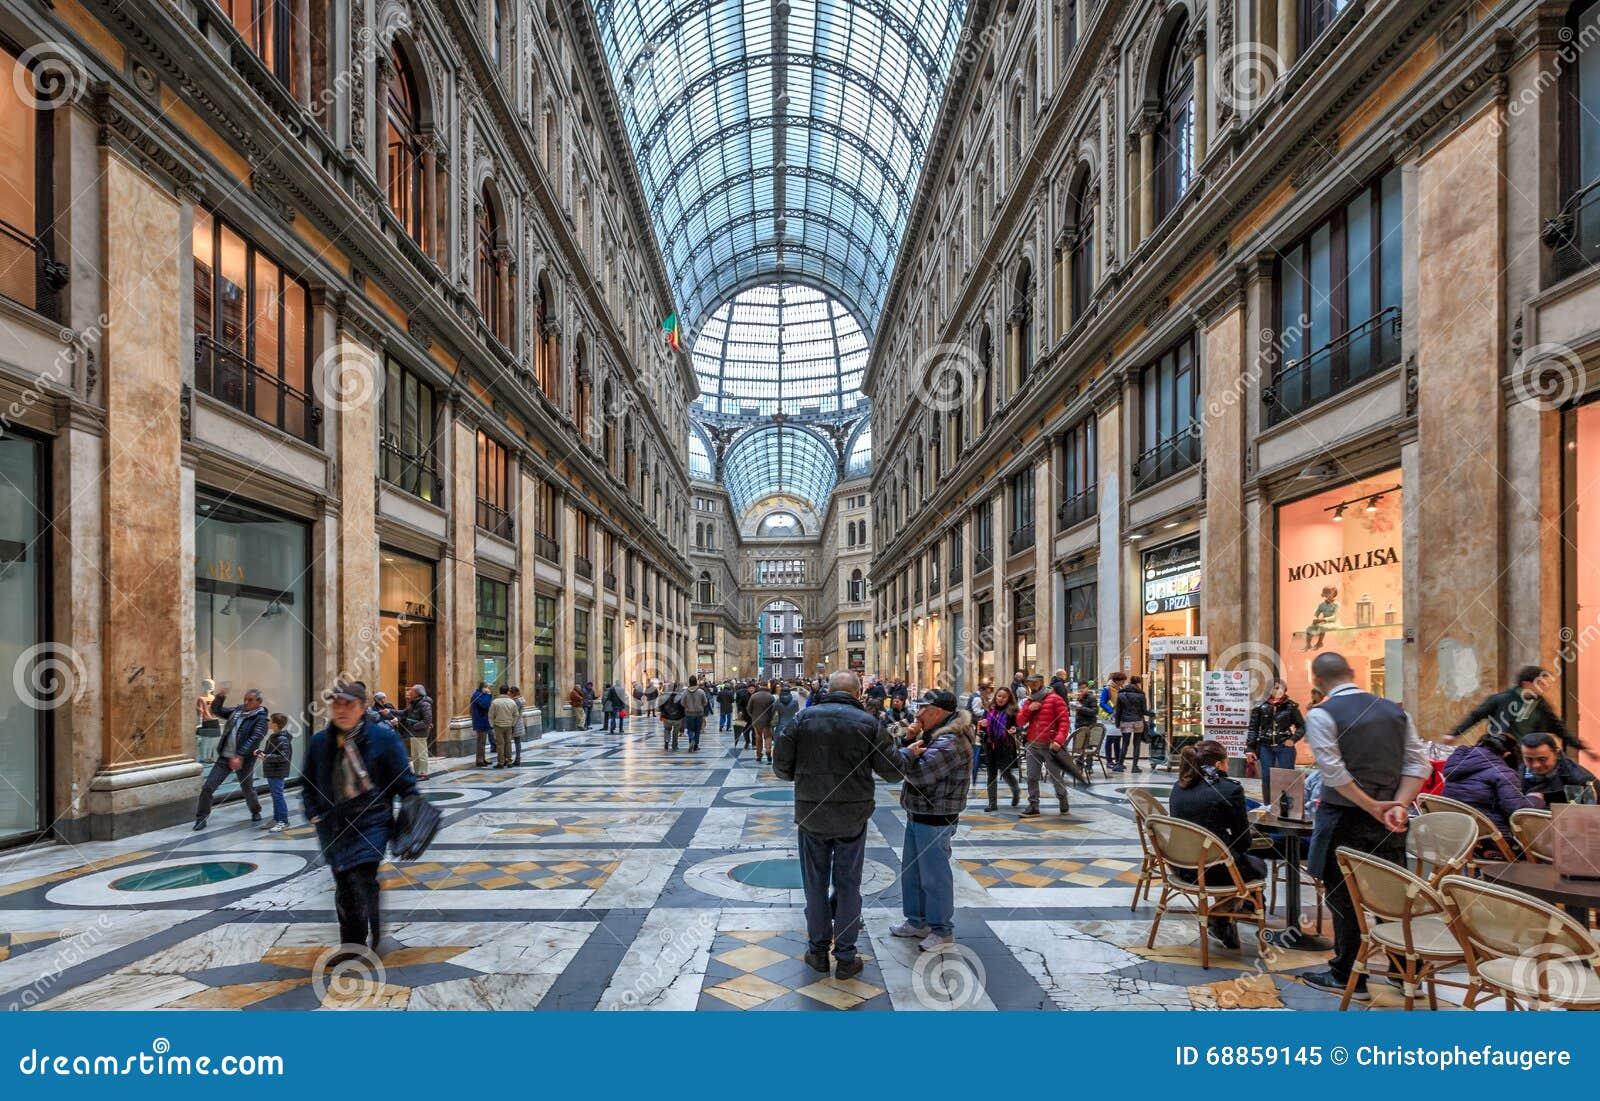 Neapel-Galleria Umberto I